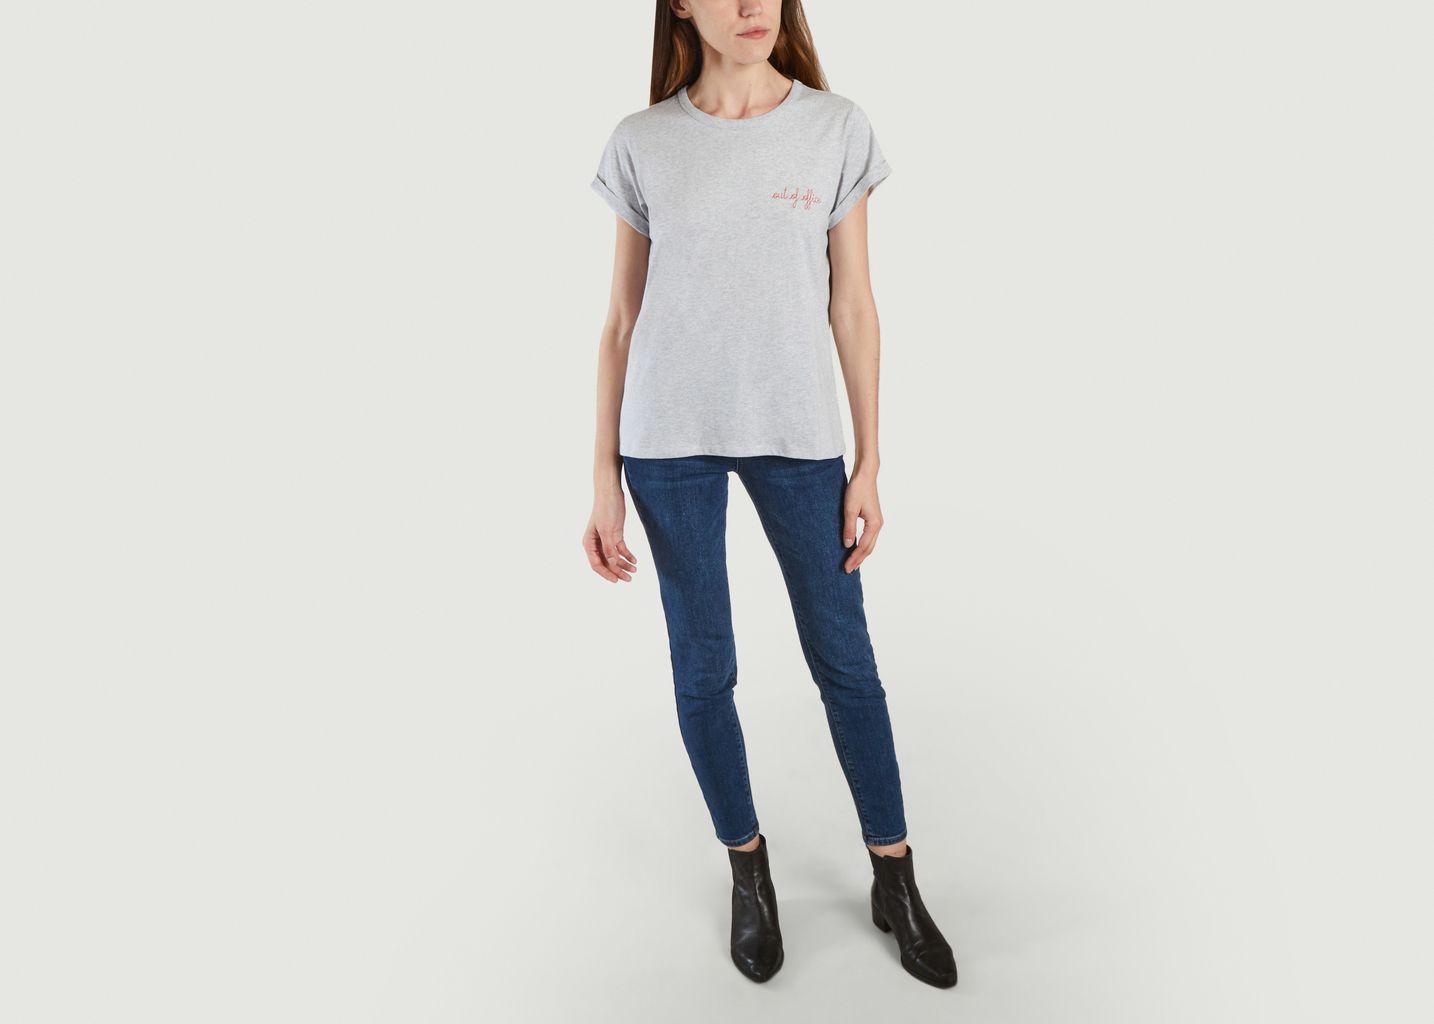 T-shirt Poitou Out of office - Maison Labiche